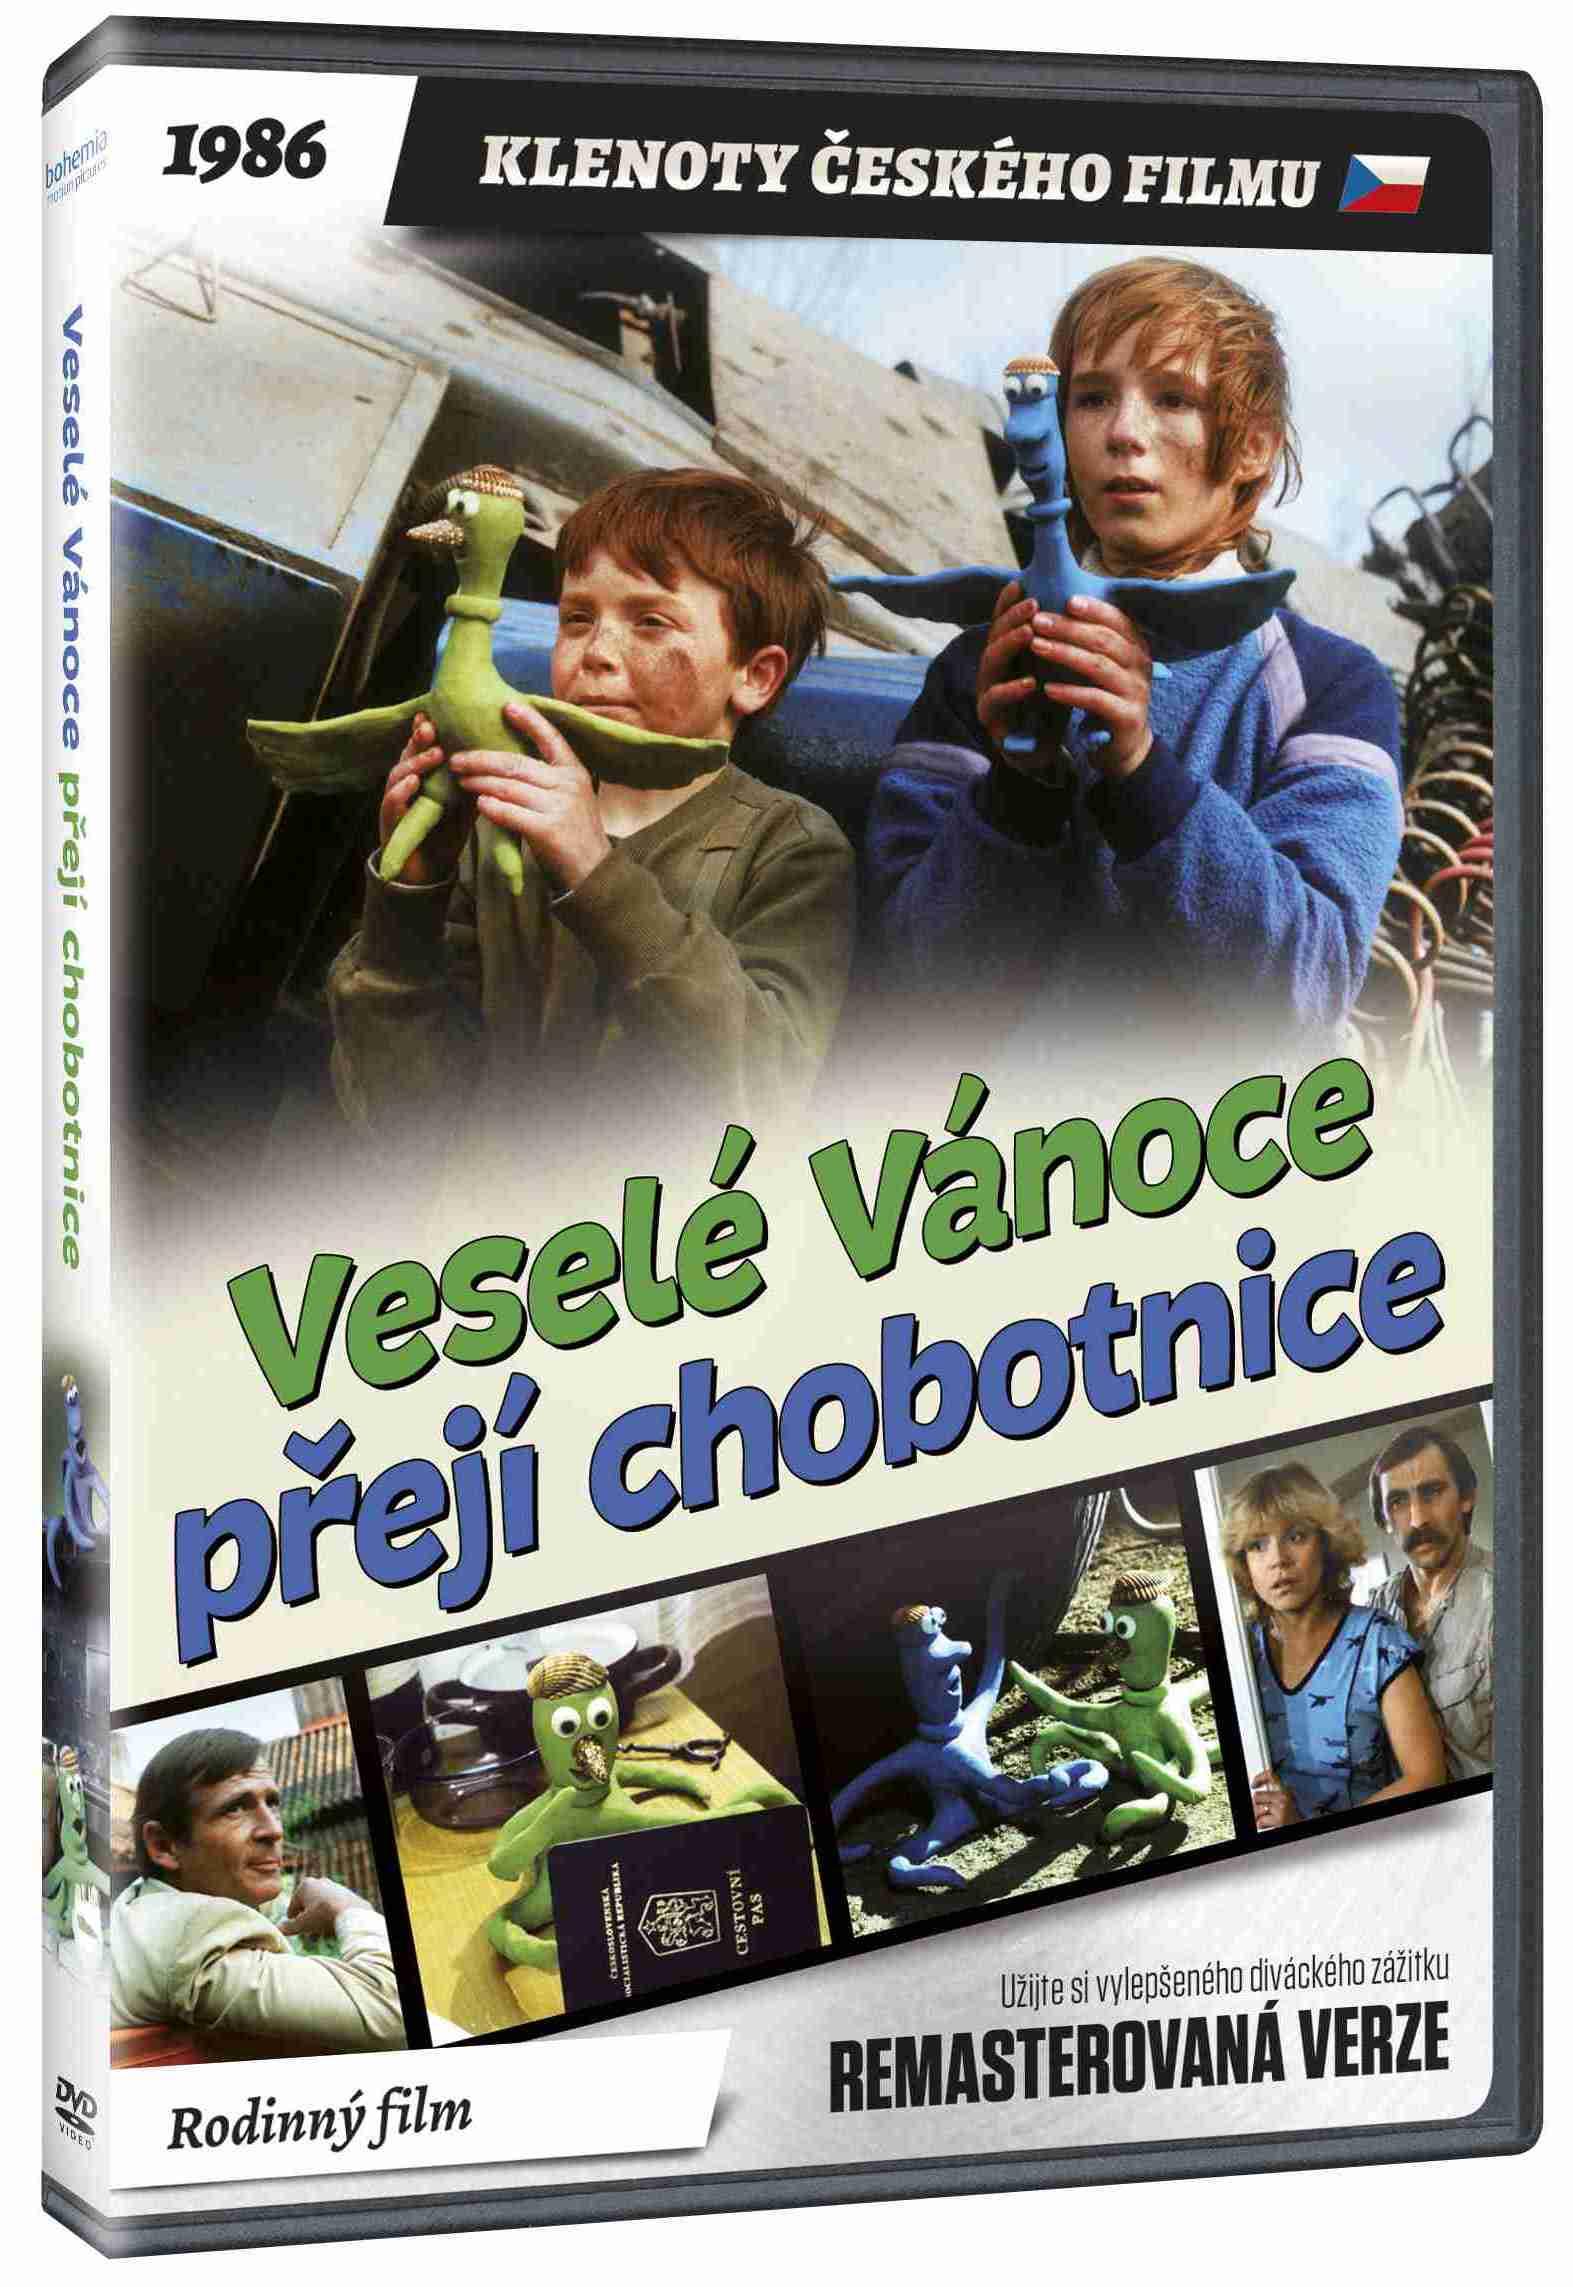 Veselé Vánoce přejí chobotnice (remasterovaná verze) - DVD